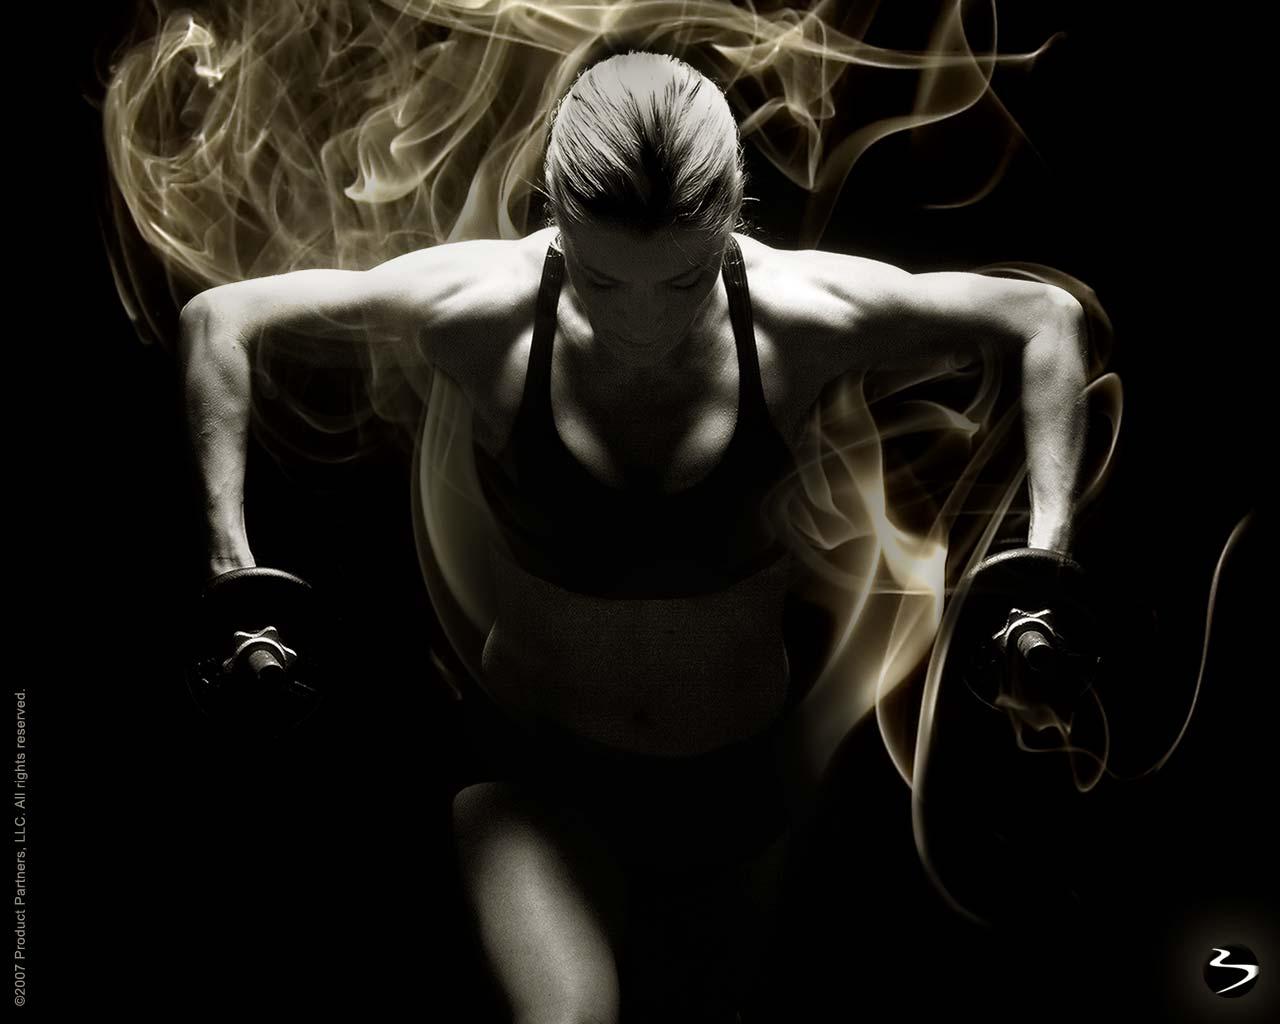 Fitness Wallpapers Women - WallpaperSafari